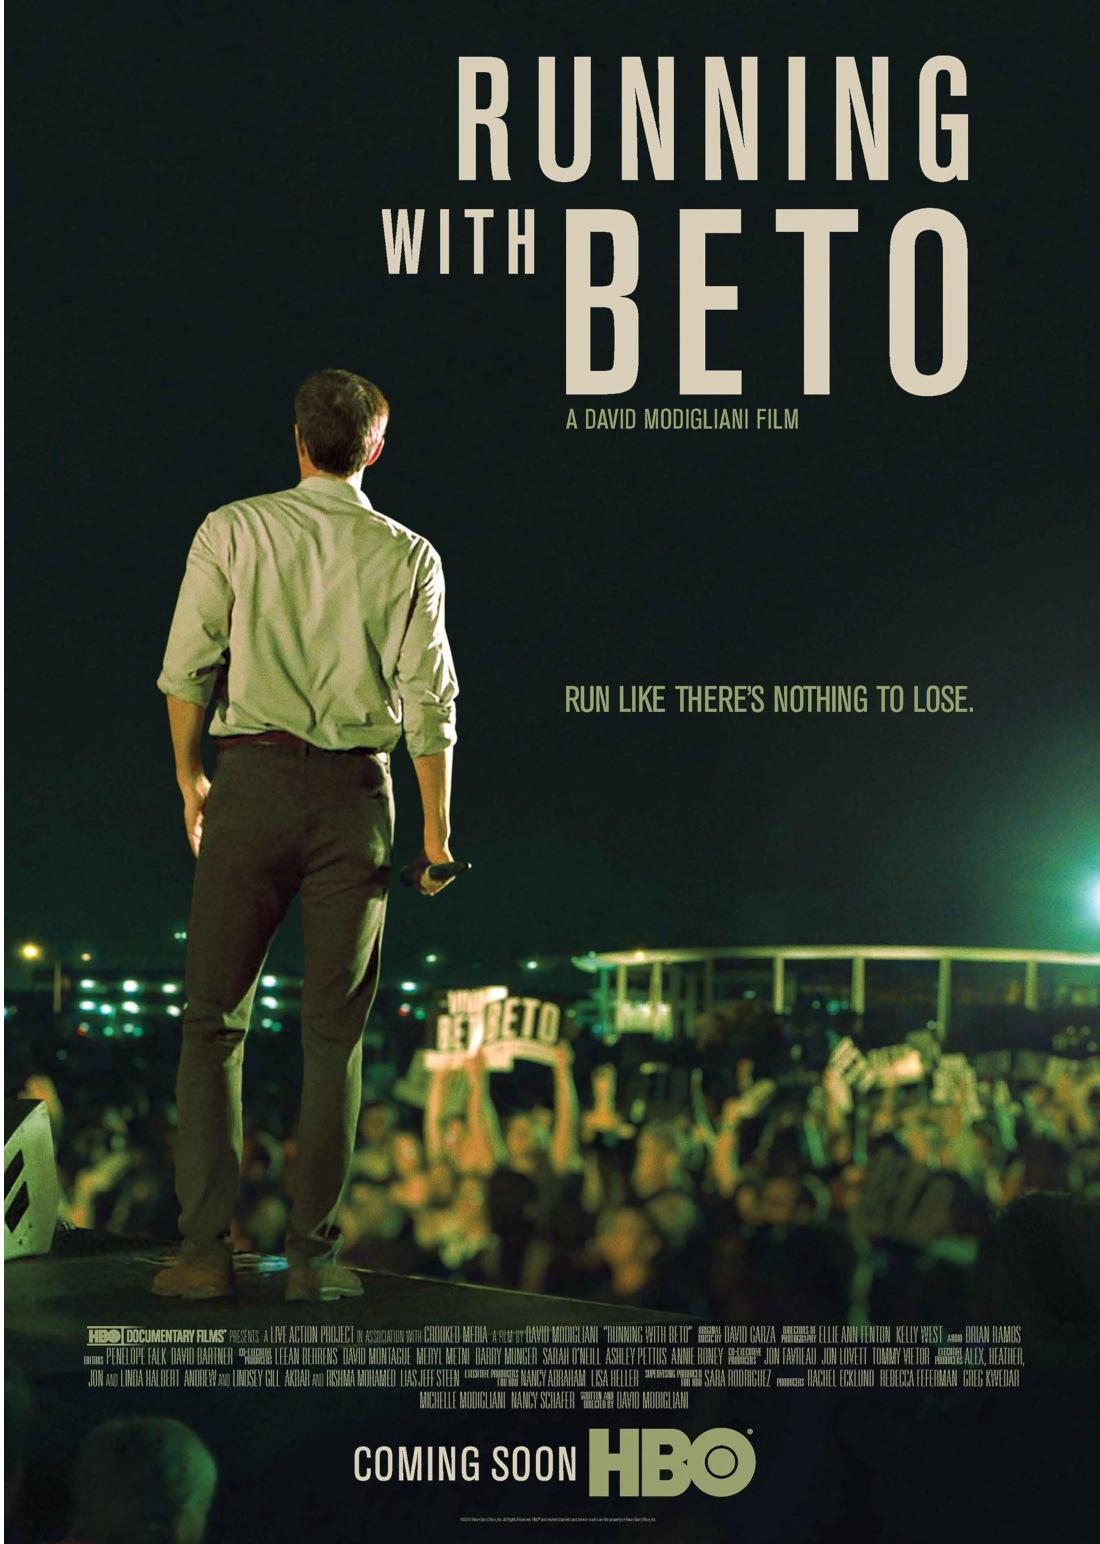 Betova senátní kampaň